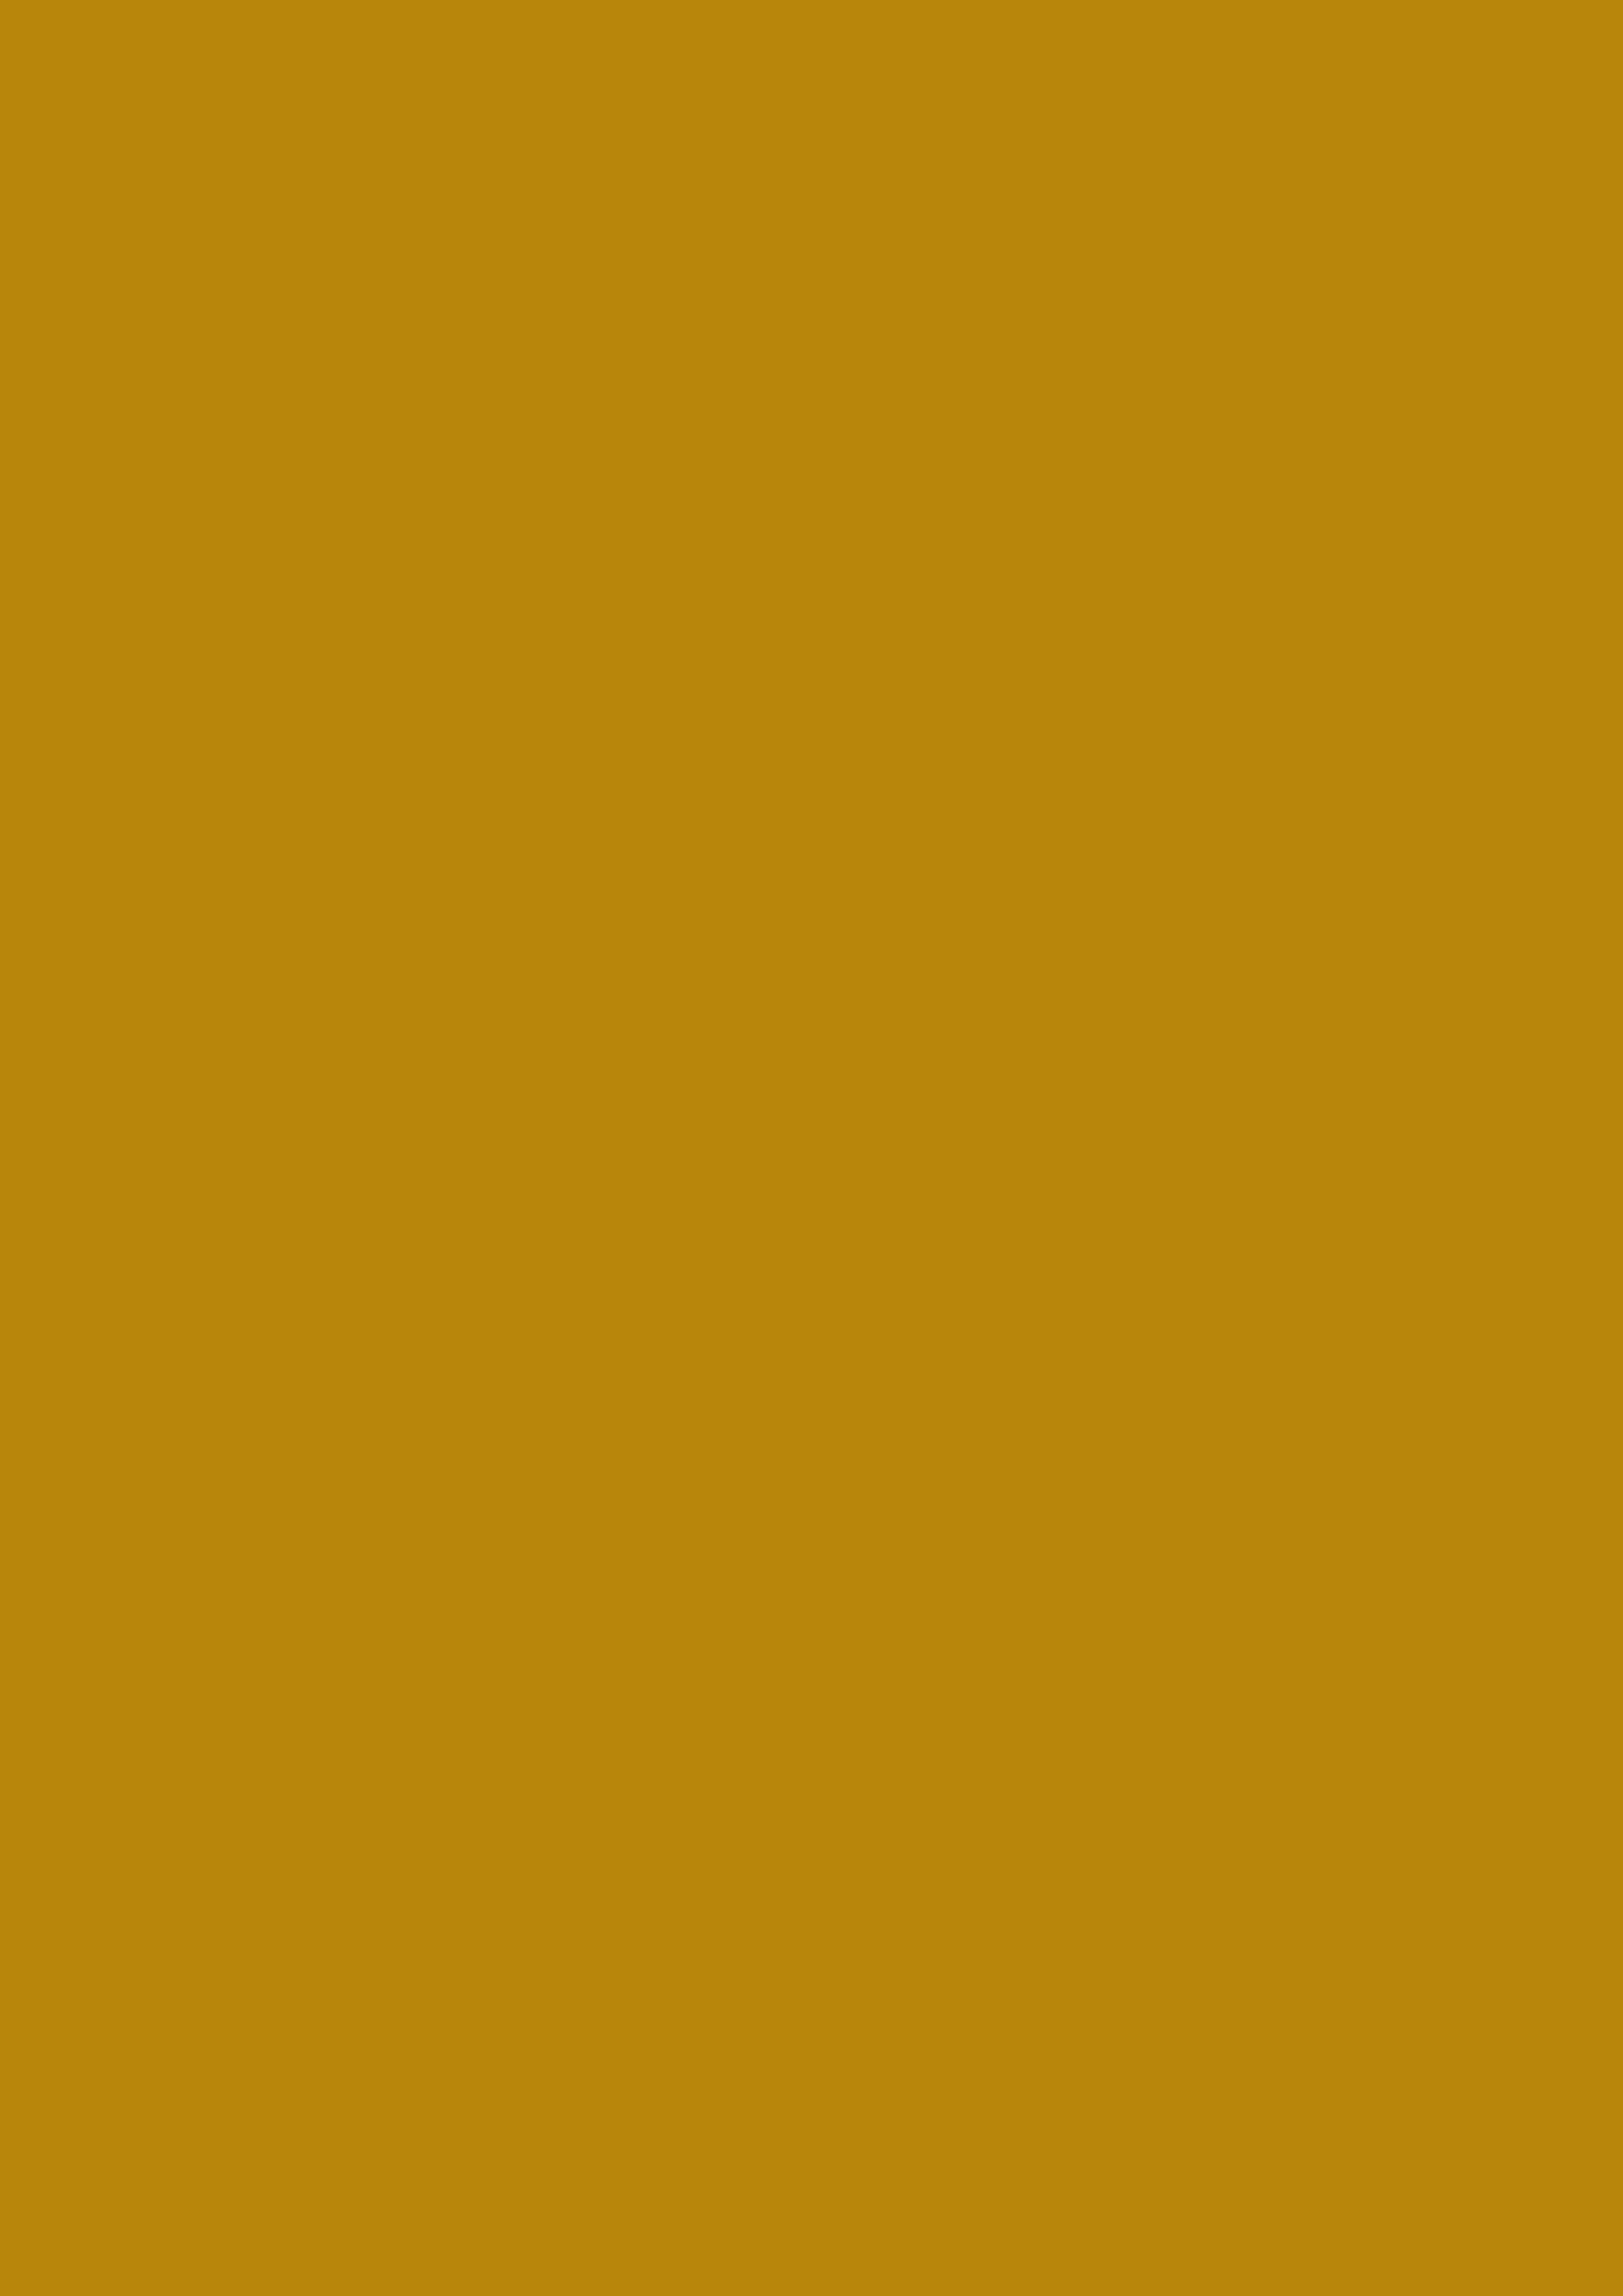 2480x3508 Dark Goldenrod Solid Color Background